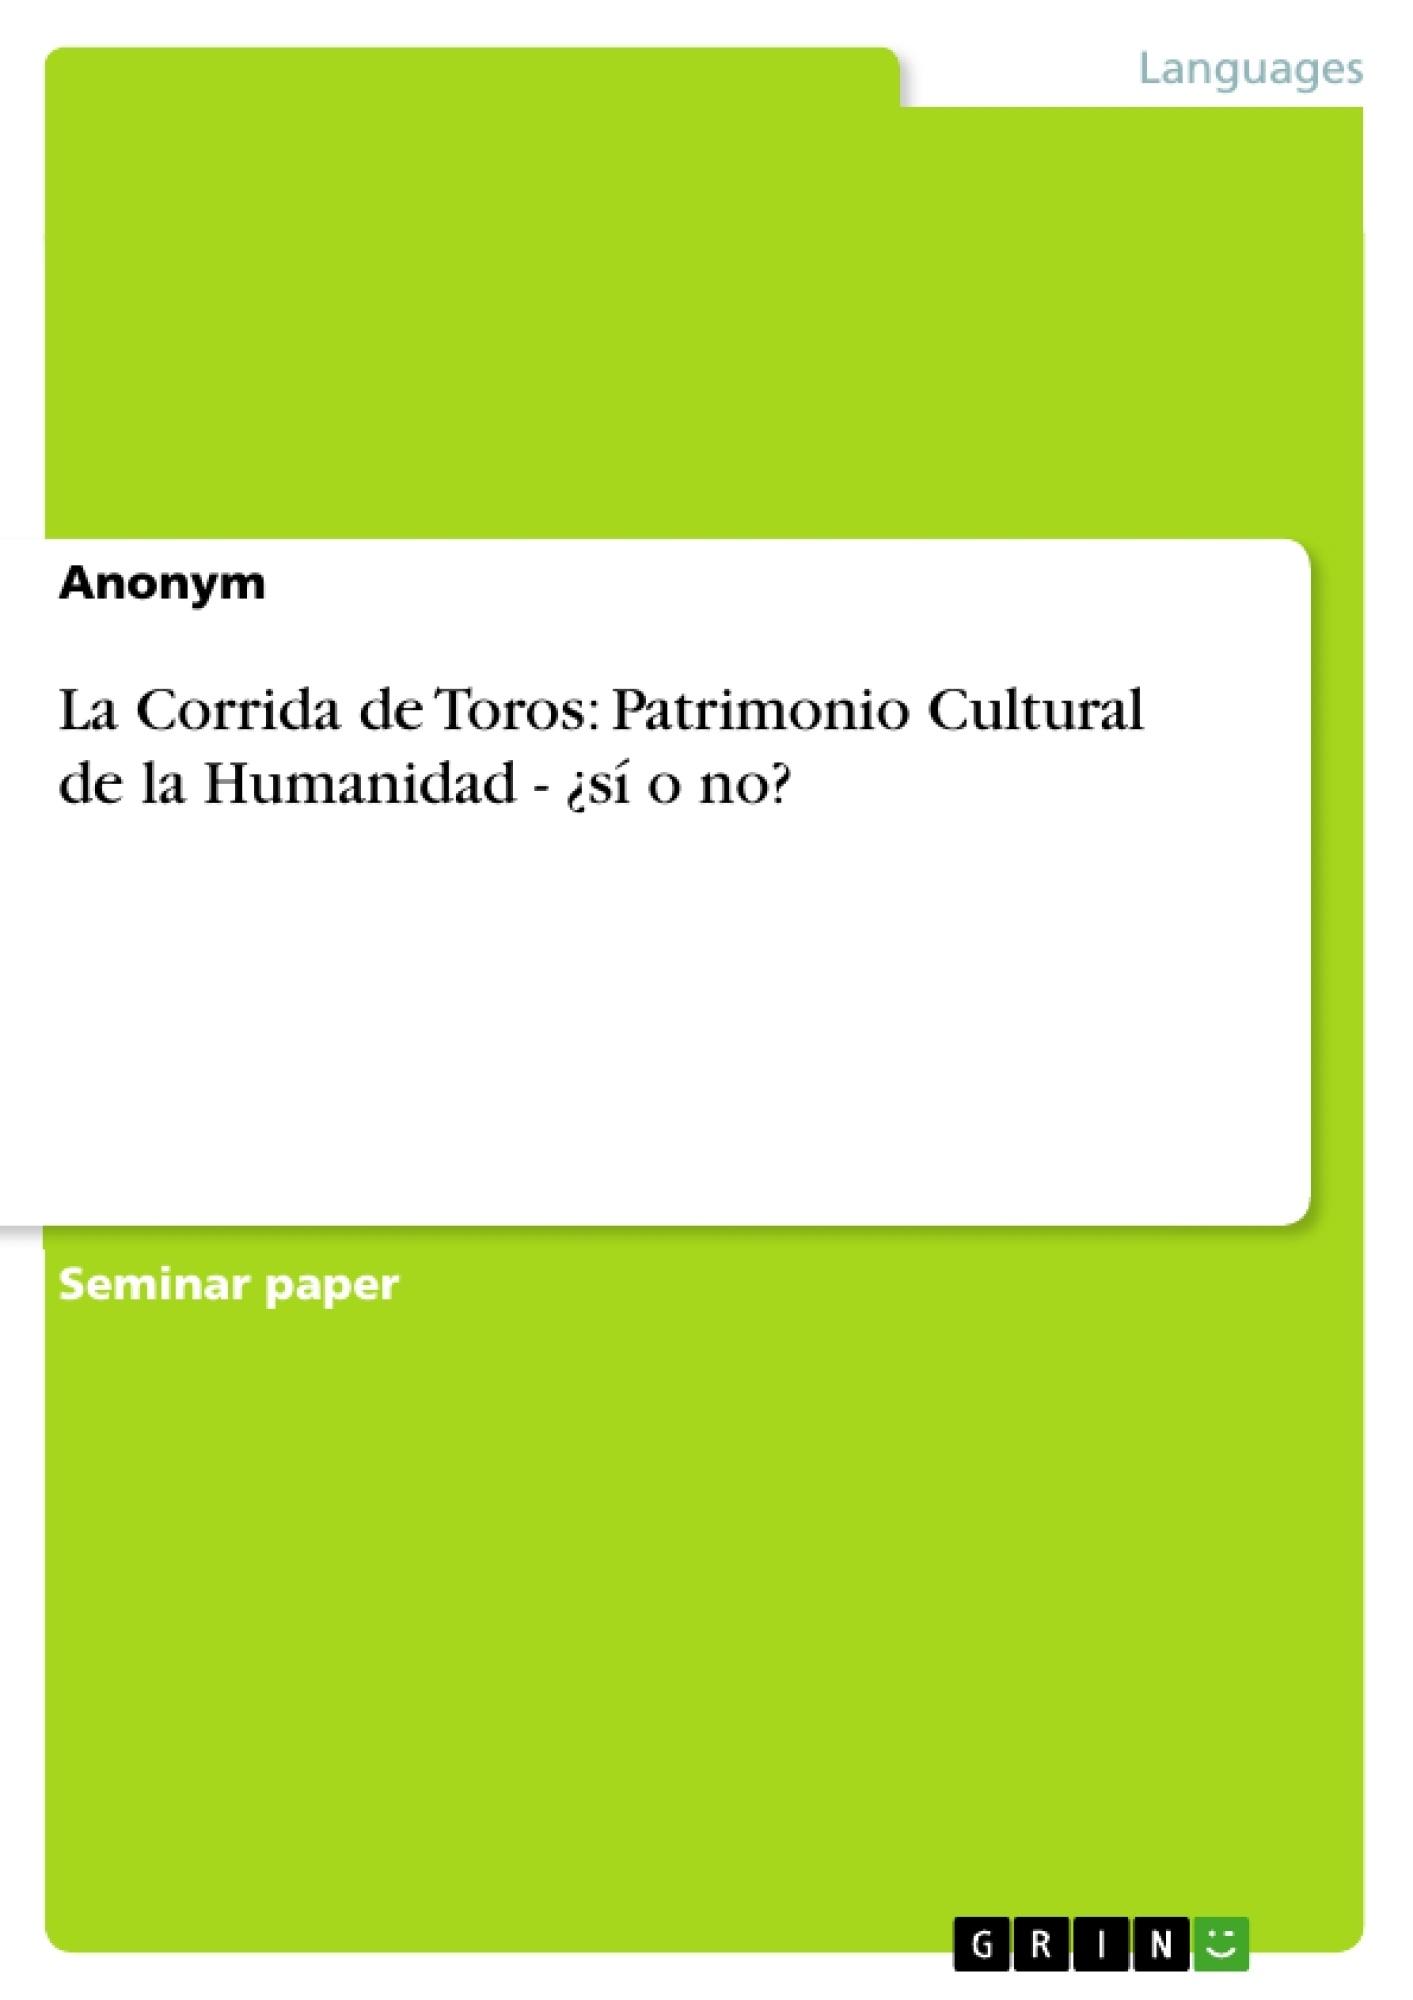 Título: La Corrida de Toros: Patrimonio Cultural de la Humanidad - ¿sí o no?